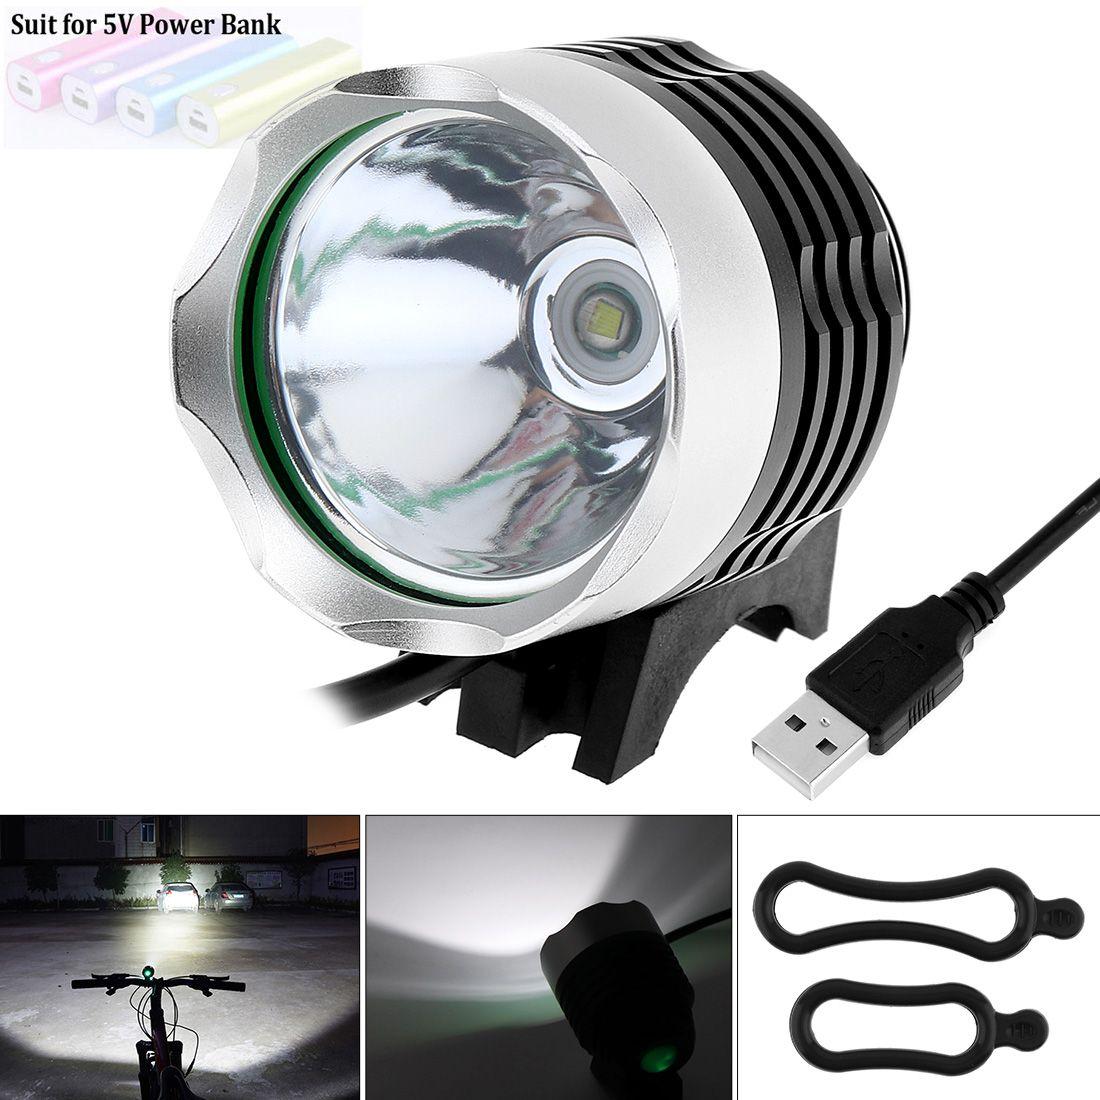 Securitying Vente 1200 Lumen XM-L T6 LED Vélo Lumière Vélo Lumière Pour Vélo Vélo Vélo Vélo Imperméable À L'eau Lumière Avant et USB